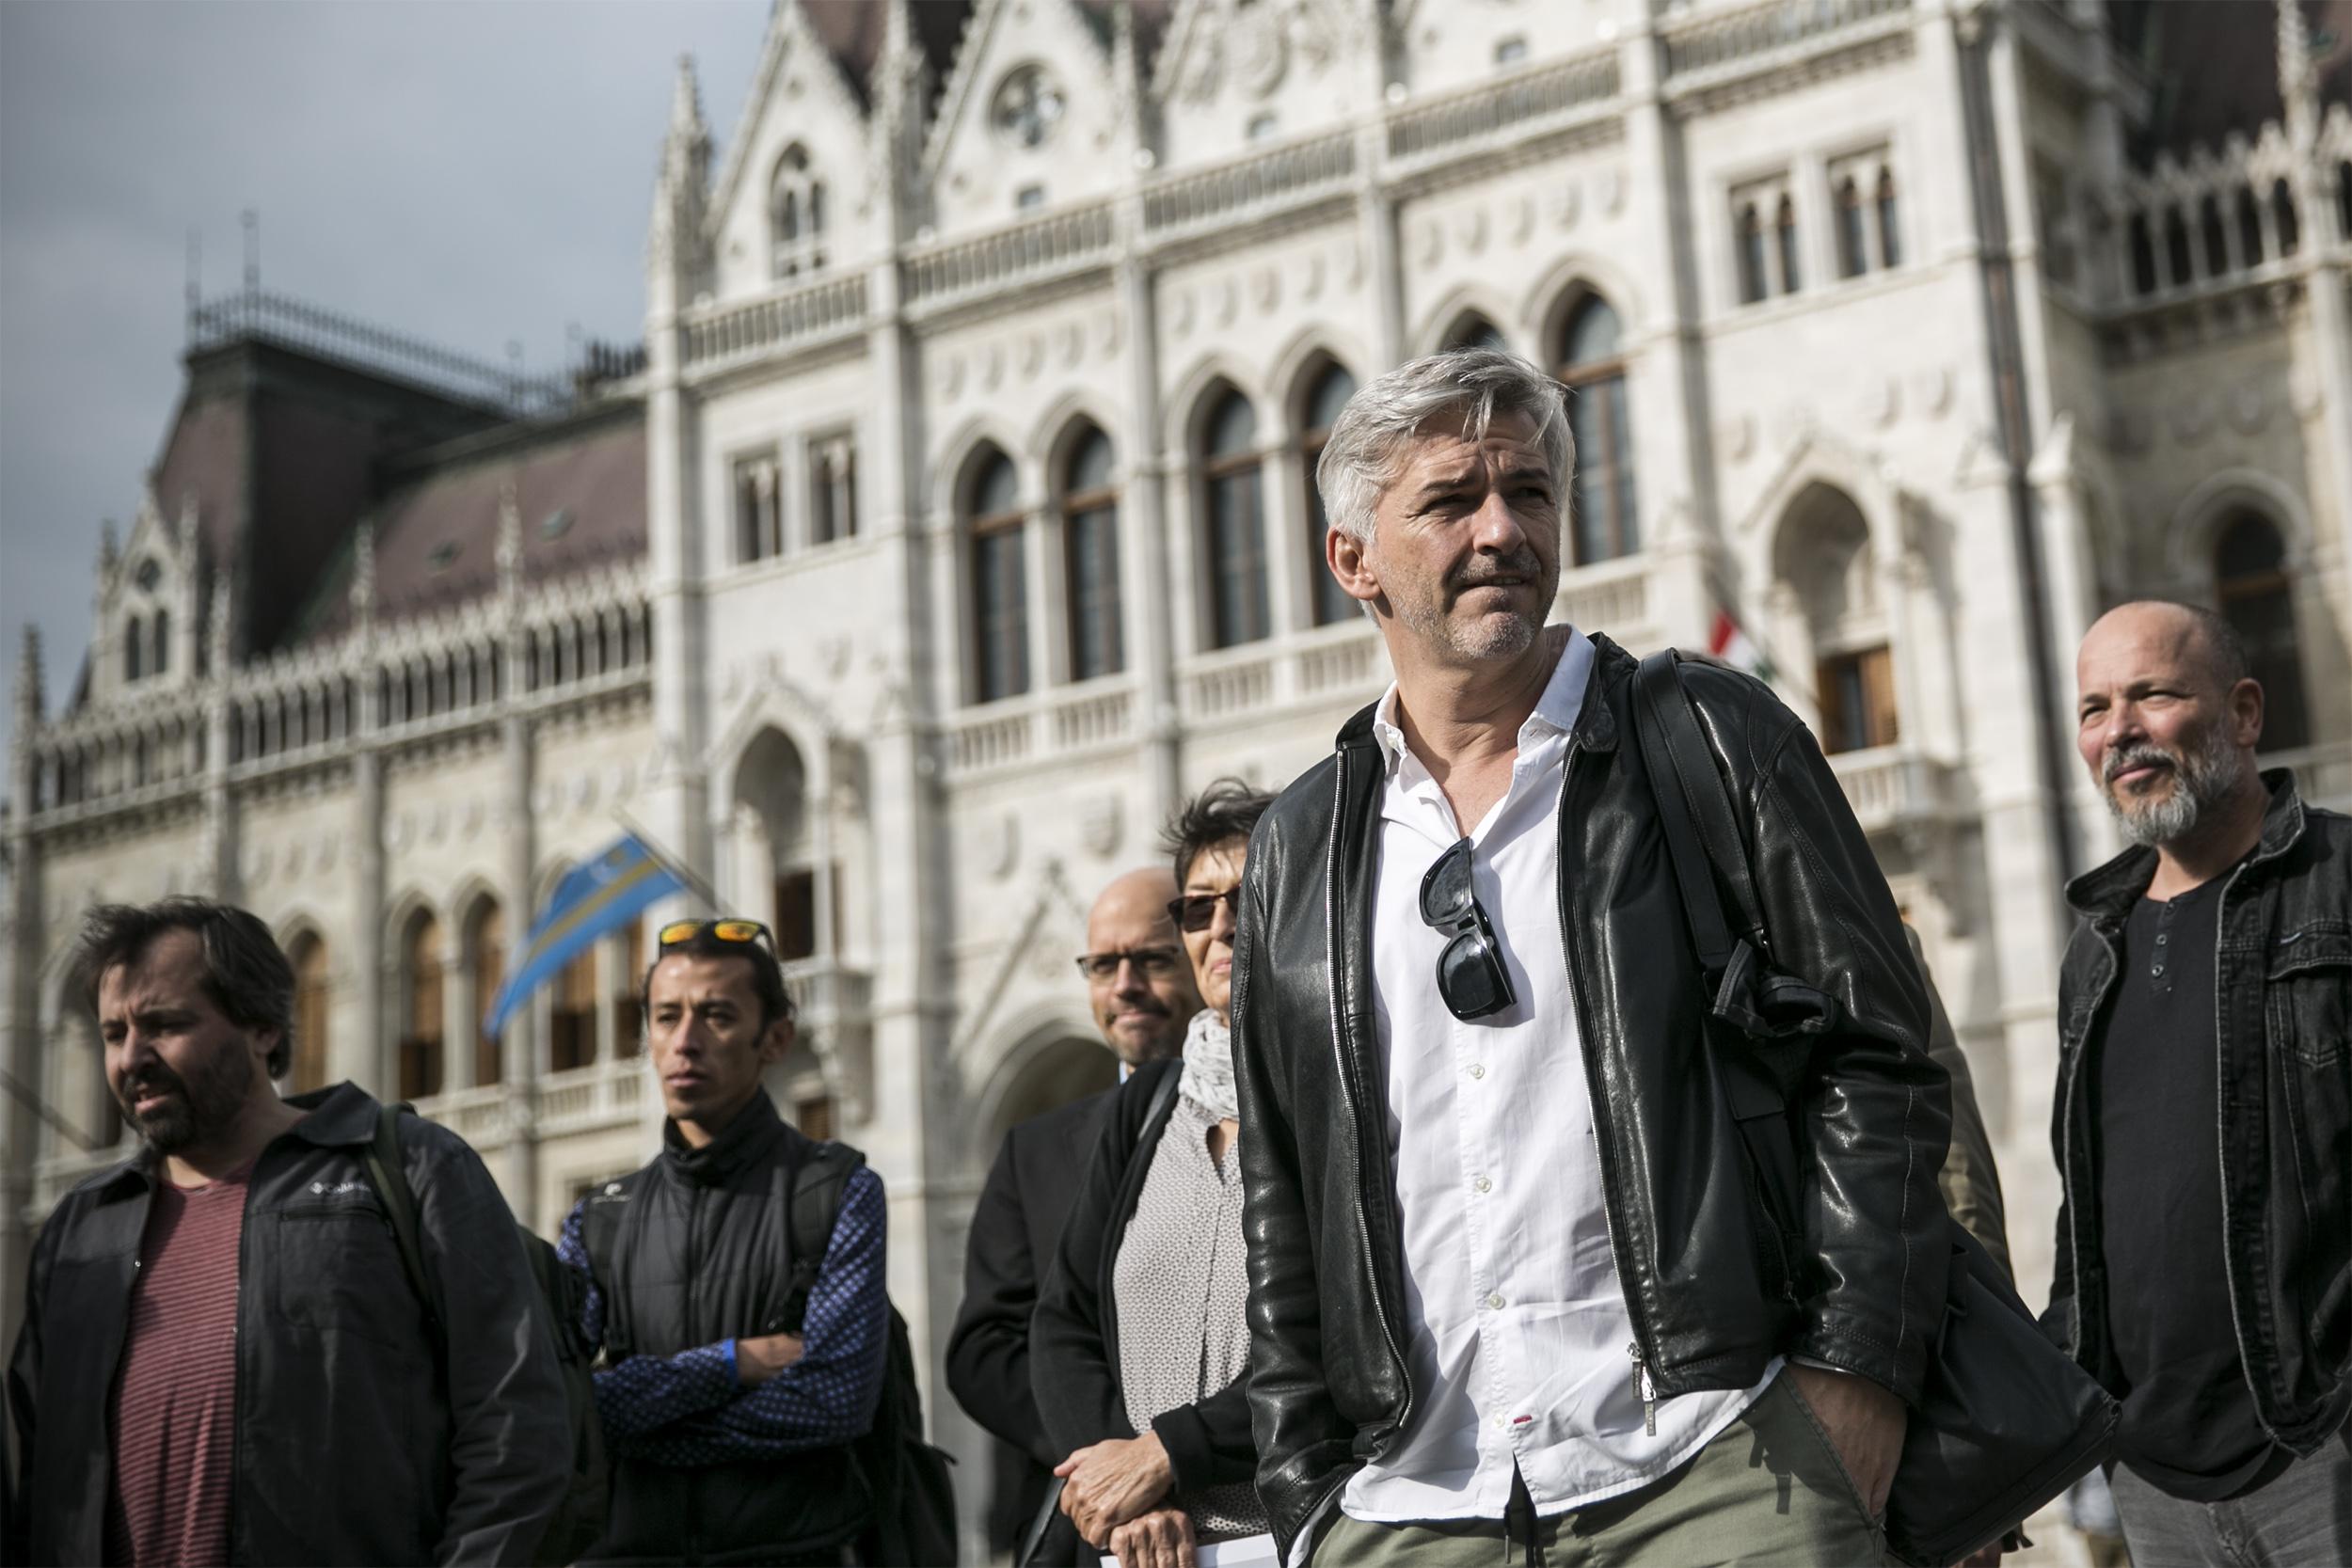 Szigetváron tartják meg Alföldi Róbert előadását, amelyet Pécsett indoklás nélkül lemondtak